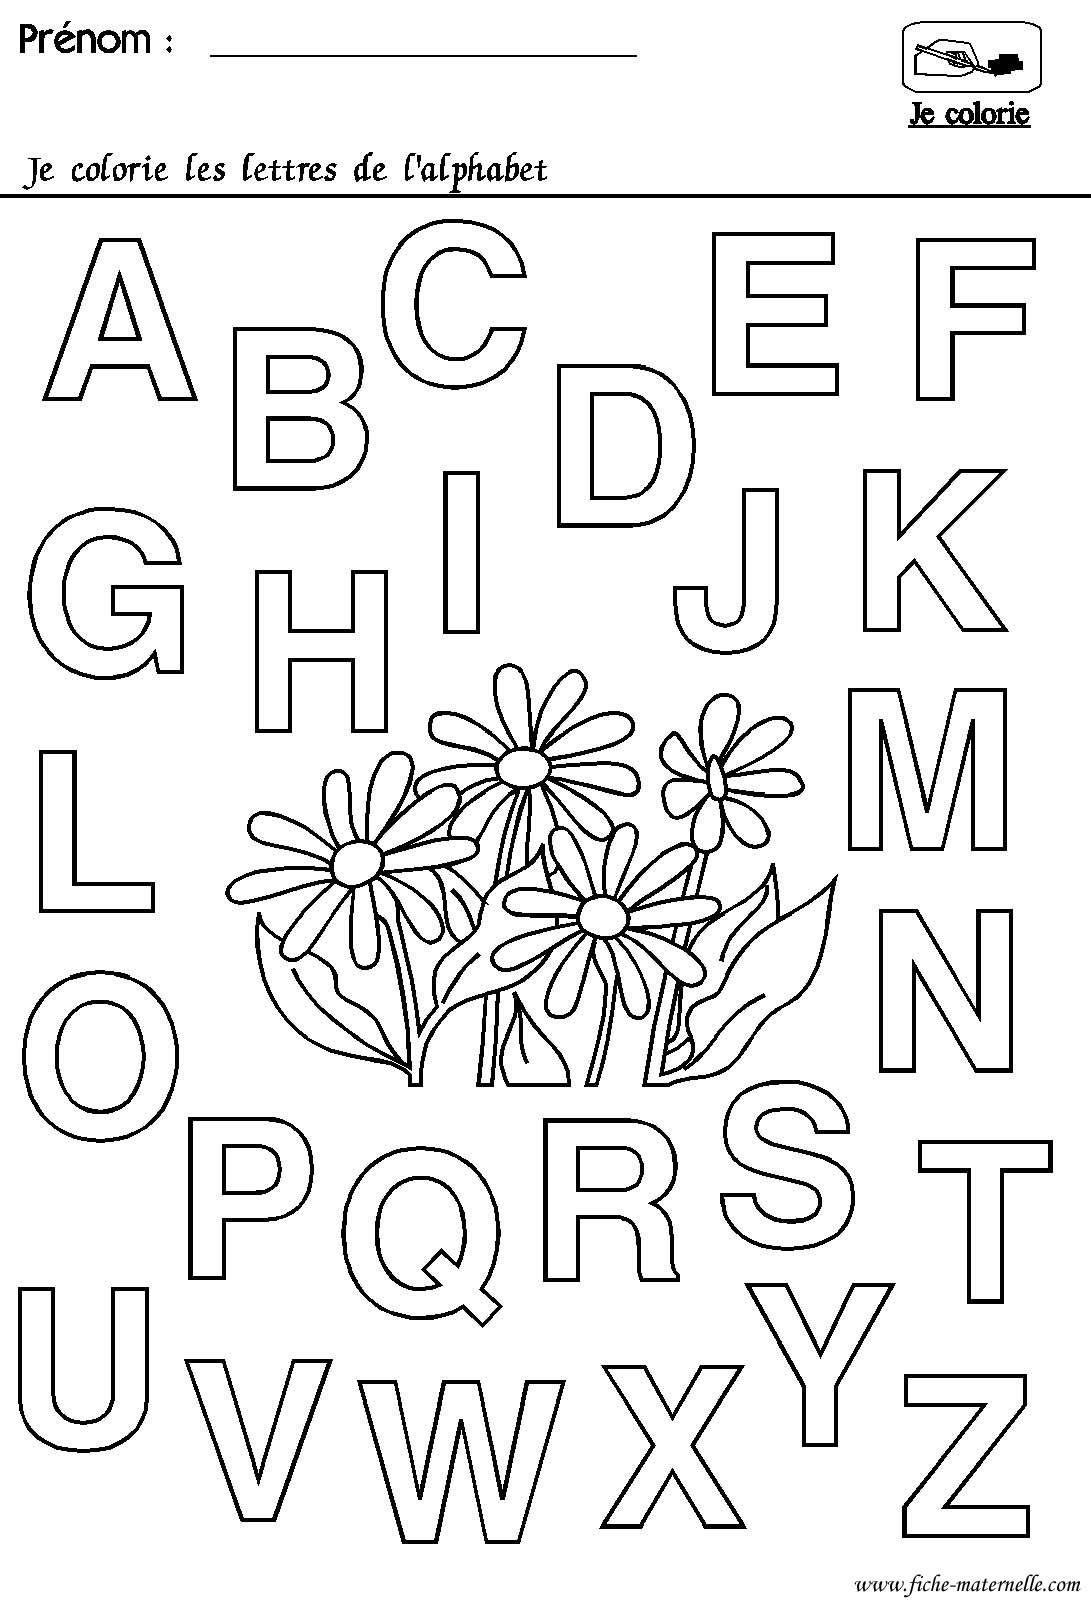 Maternelle Rentrée Des Classes : L'alphabet | Alphabet À destiné Coloriage Alphabet Complet A Imprimer